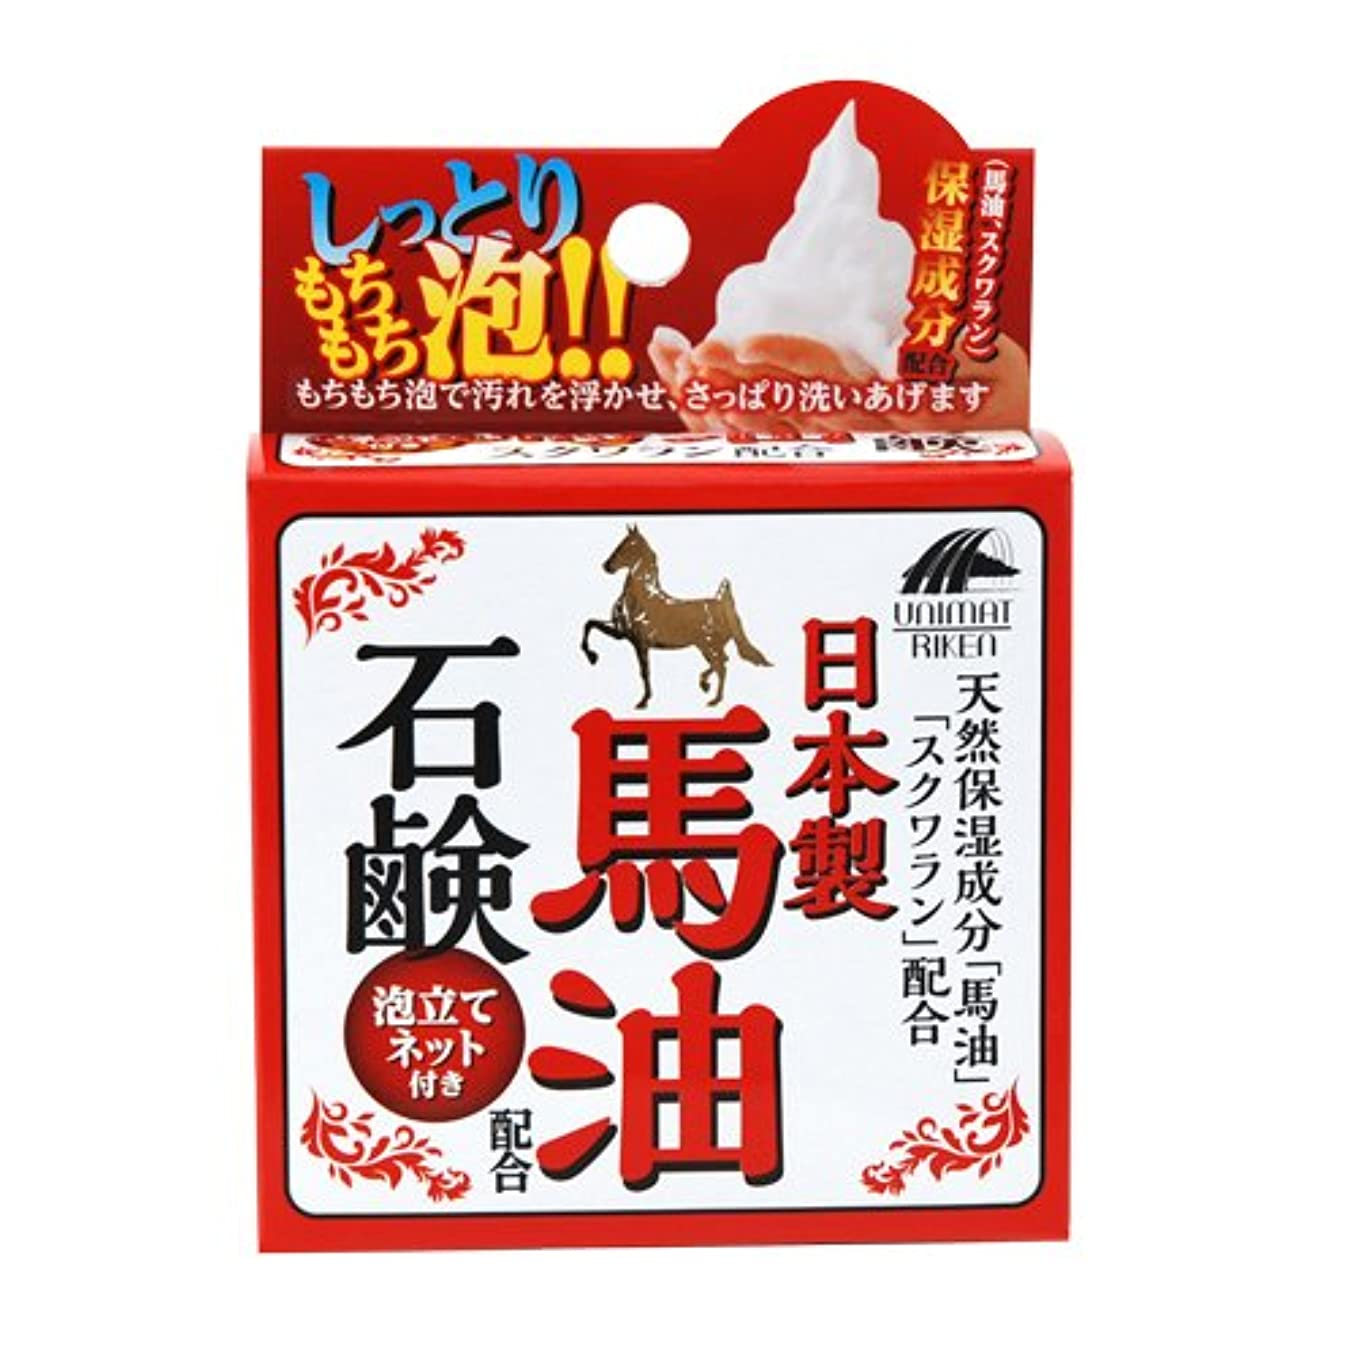 オーブン医薬品試みるユニマットリケン馬油石鹸100g(10個購入価額)